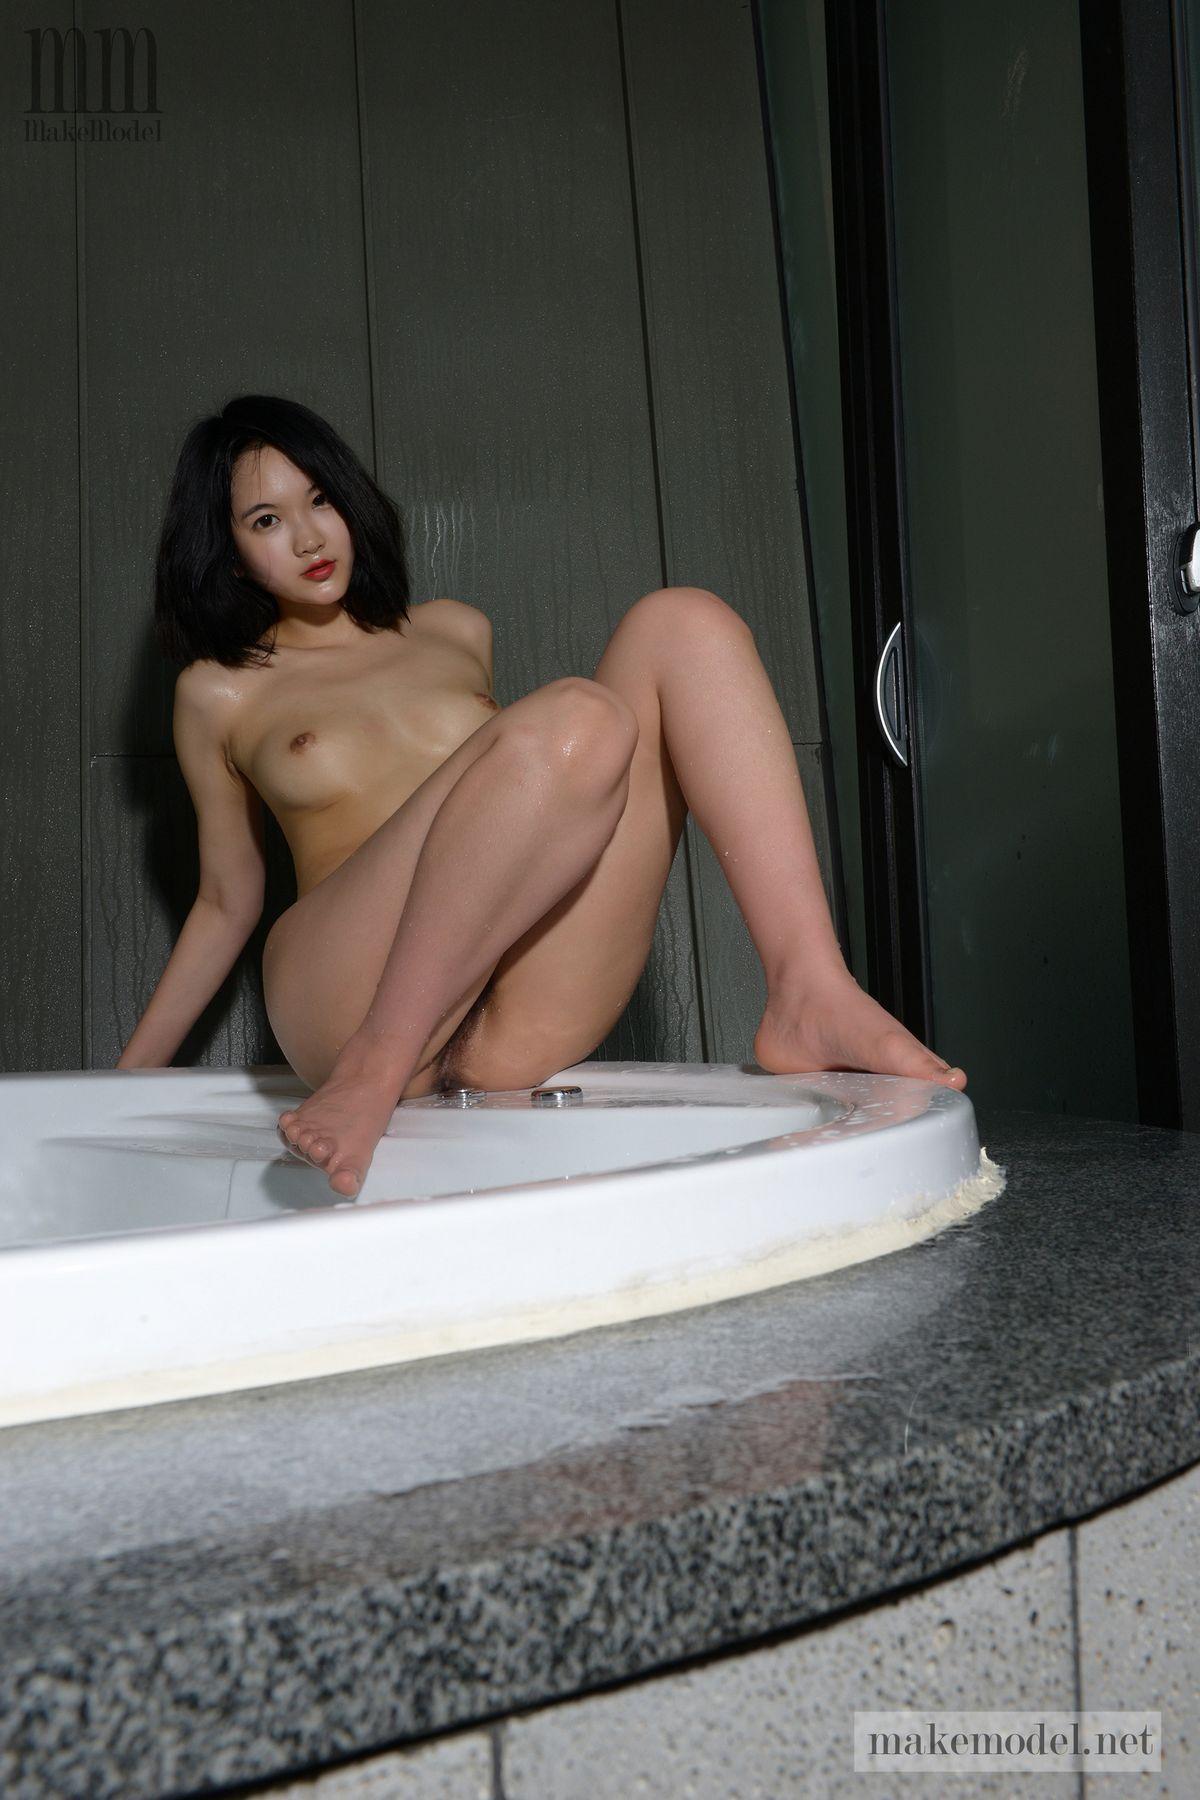 Суиджи - прекрасная японка с пушистой киской. Порно суиджи.